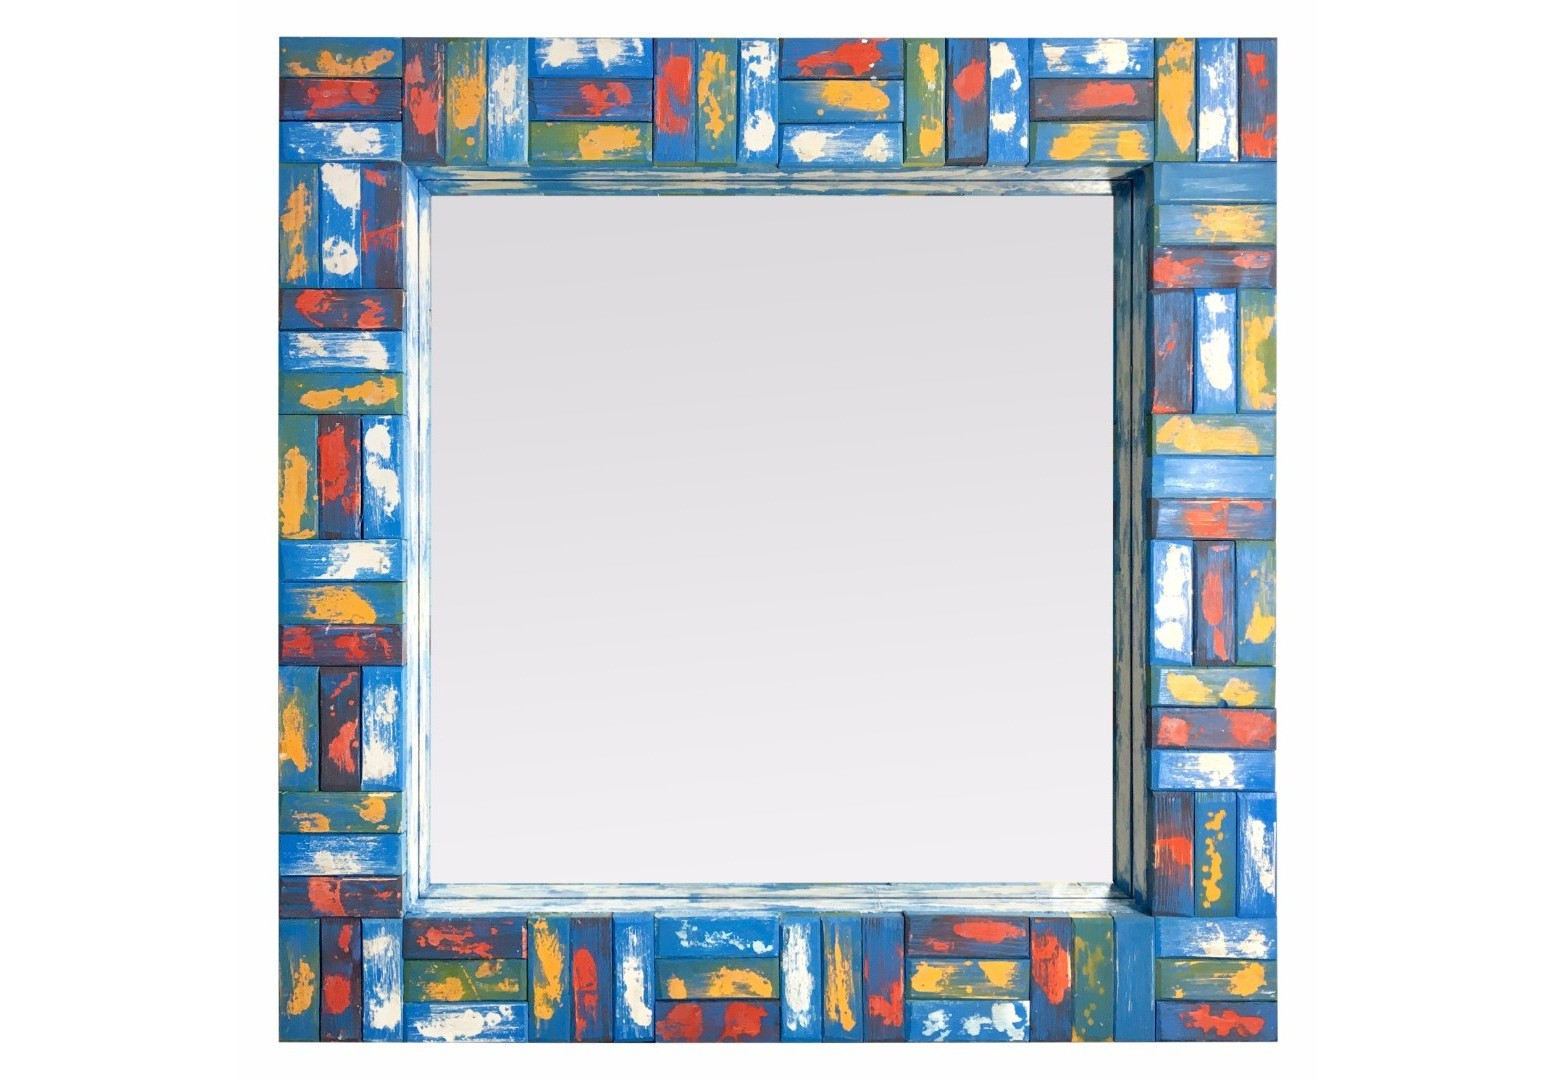 Зеркало Vivo MidiНастенные зеркала<br>Эти зеркала - наш эксперимент в своем роде. Нам захотелось привнести солнца и красок в пасмурный день. Они уникальны тем, что рама каждого состоит из мелких элементов, собранных воедино как пазл. Каждая деталь из массива дерева вручную выпиливалась, декорировалась и с ювелирной точностью выкладывалась руками наших мастеров. За жизнерадостный стиль мы назвали эту серию ViVo от испанского &amp;quot;живой&amp;quot;. Сочный дизайн удивляет яркими оттенками, создающими красочное единство. Центральное зеркальное полотно посажено вглубь. Этот прием позволяет придать зеркалу объем и дополнительное боковое отражение. Зеркала ViVo добавят в ваше пространство энергию, радость и наполнят жизнью.&amp;amp;nbsp;&amp;lt;div&amp;gt;&amp;lt;br&amp;gt;&amp;lt;/div&amp;gt;&amp;lt;div&amp;gt;Возможно изготовление по Вашим цветам и размерам.&amp;lt;/div&amp;gt;&amp;lt;div&amp;gt;Материал:                     массив дерева        .&amp;lt;/div&amp;gt;&amp;lt;div&amp;gt;Ширина рамы 12 см.&amp;lt;br&amp;gt;&amp;lt;/div&amp;gt;<br><br>Material: Дерево<br>Ширина см: 97.0<br>Высота см: 97.0<br>Глубина см: 7